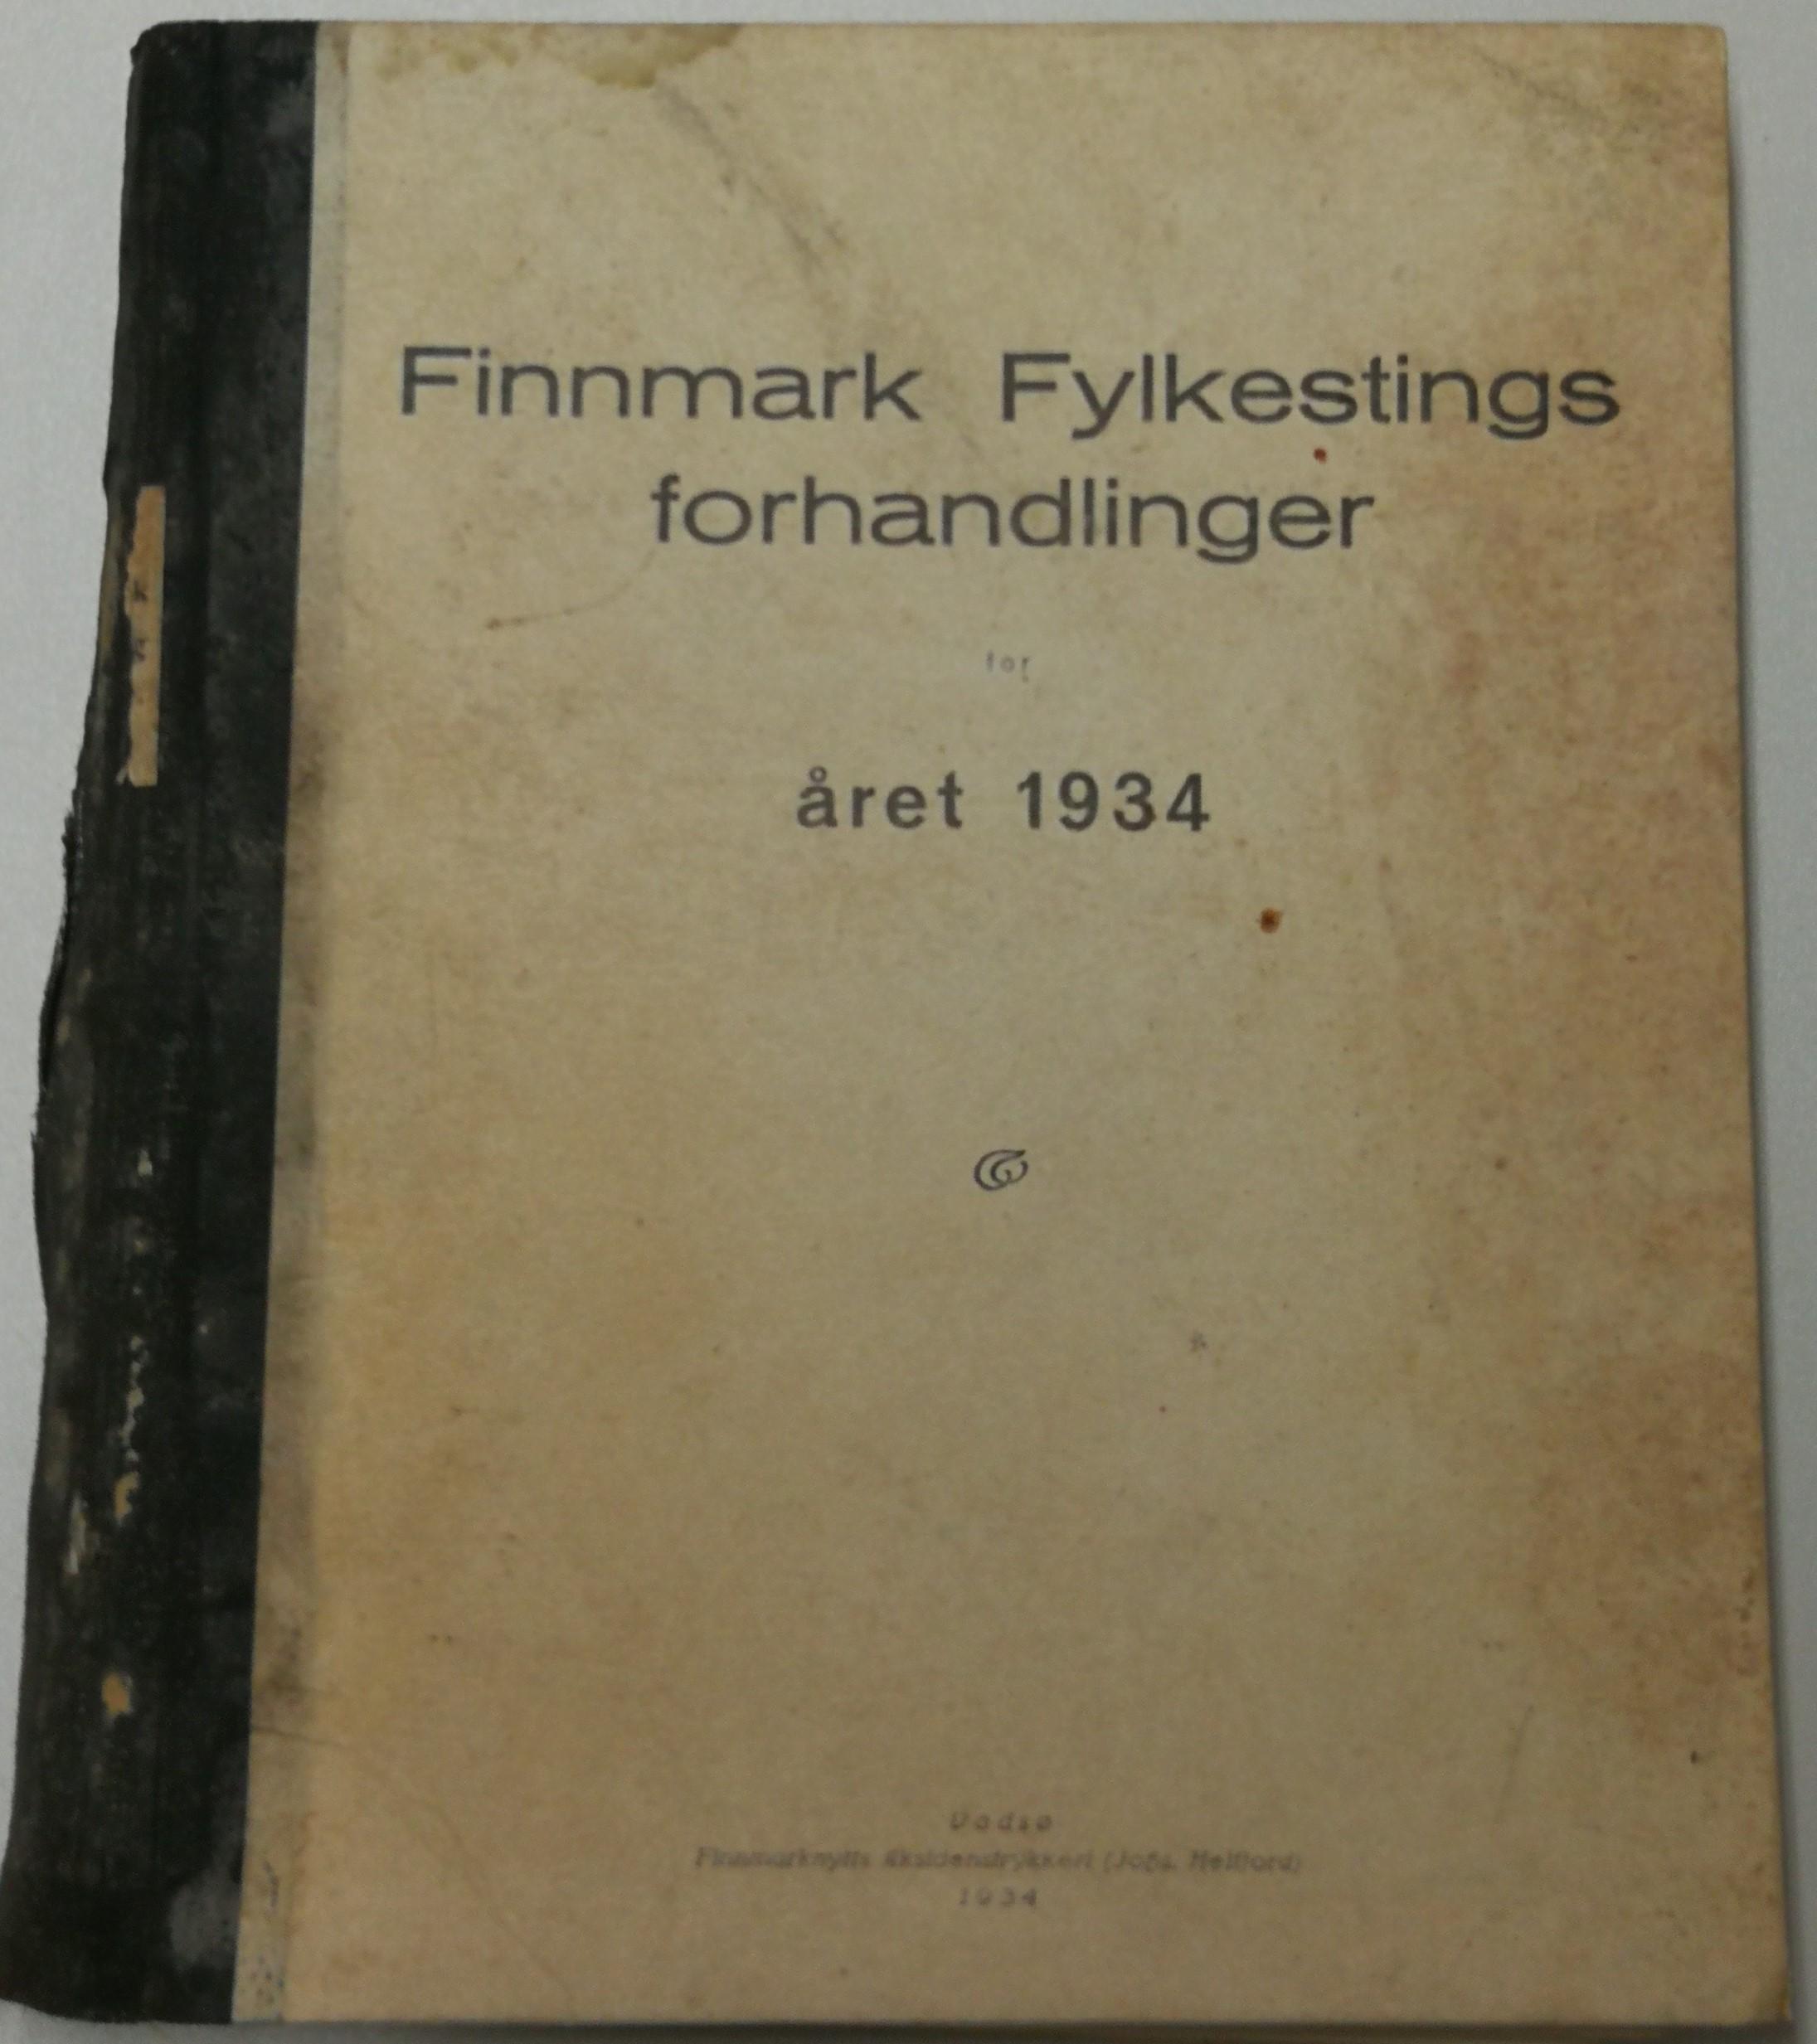 FFK forhandlingsprotokoll 1934.jpg